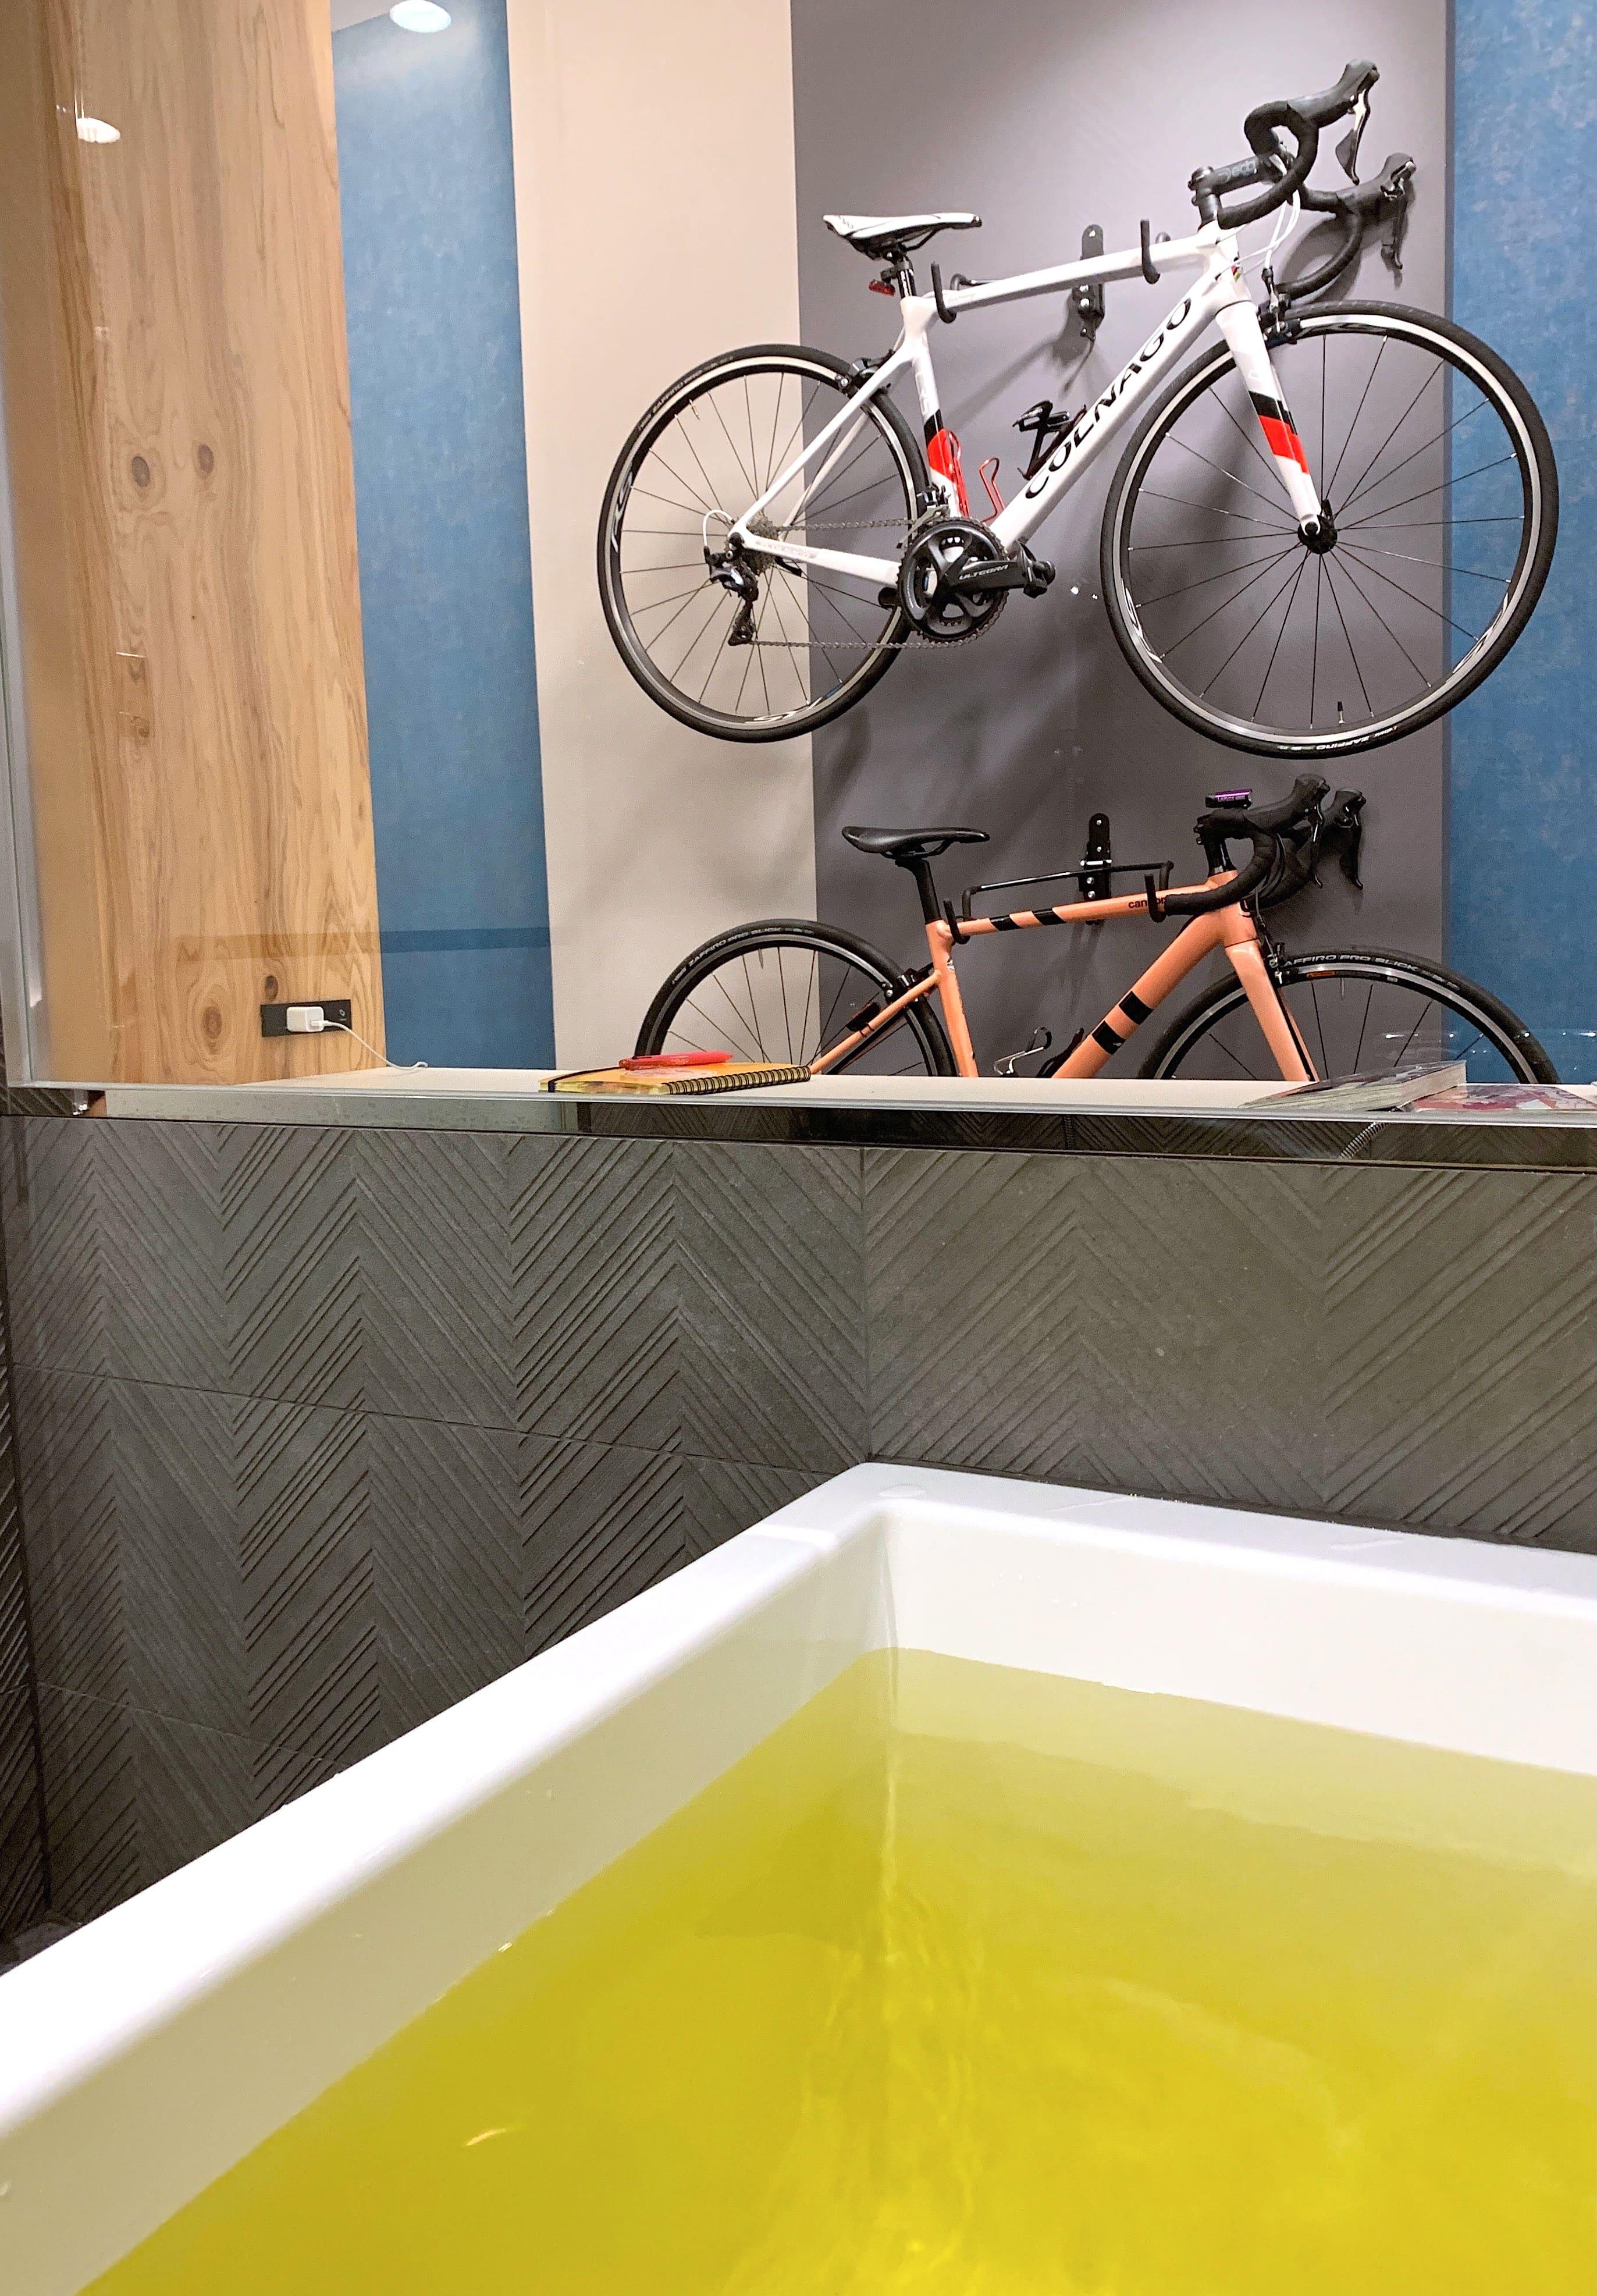 客室に自転車が持ち込める「サイクルルーム」。湯船に浸かり、愛車を眺めながらのバスタイムは最高!? アトレ内のドラッグストアで入浴剤も購入。